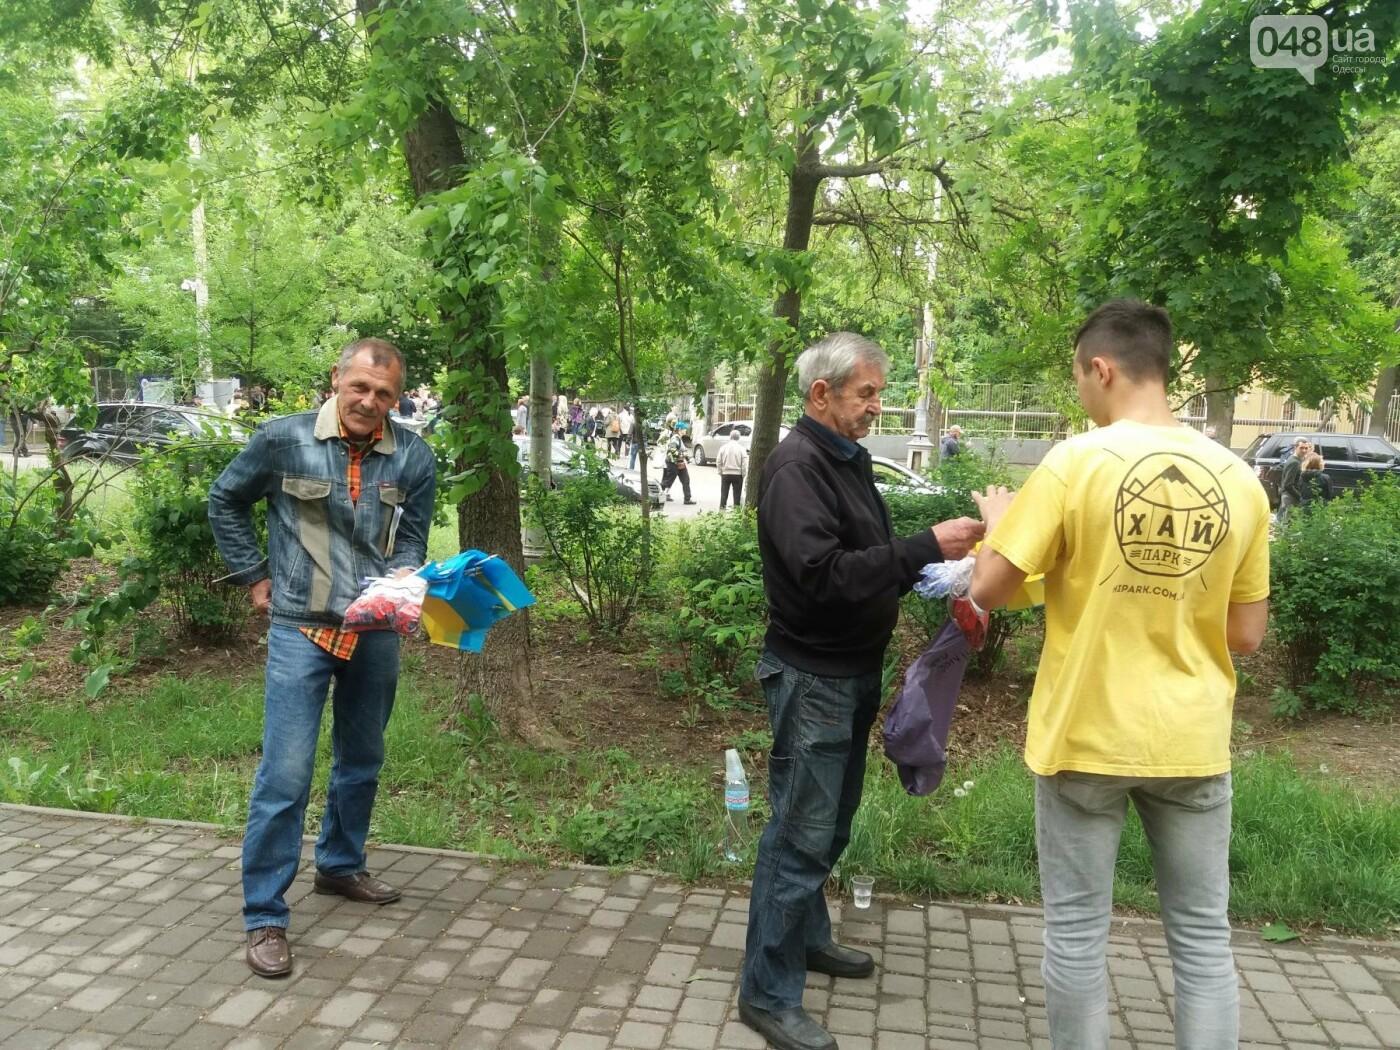 9 мая в Одессе: хронология событий и итоги, - ФОТО, ВИДЕО, фото-21